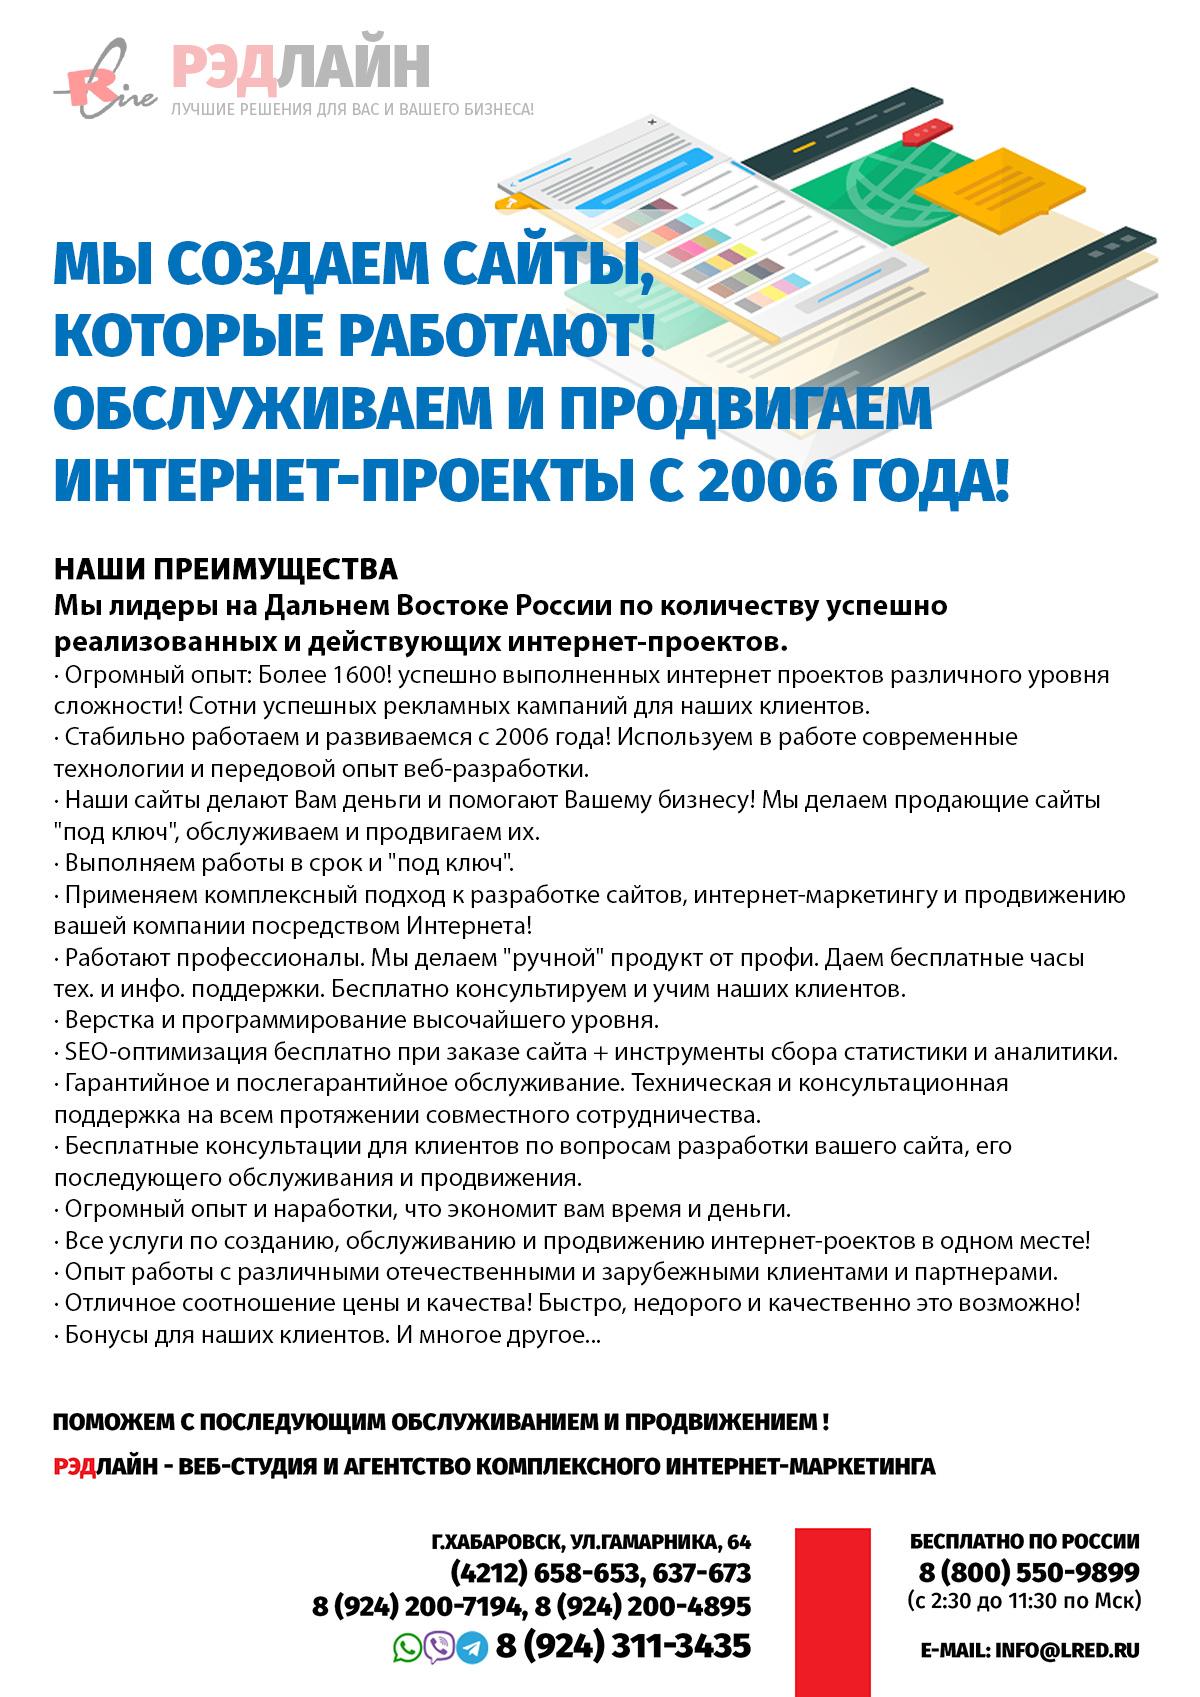 88dba143ca30 Коммерческое предложение компании Рэдлайн на услуги по разработке,  обcлуживанию и продвижению сайтов